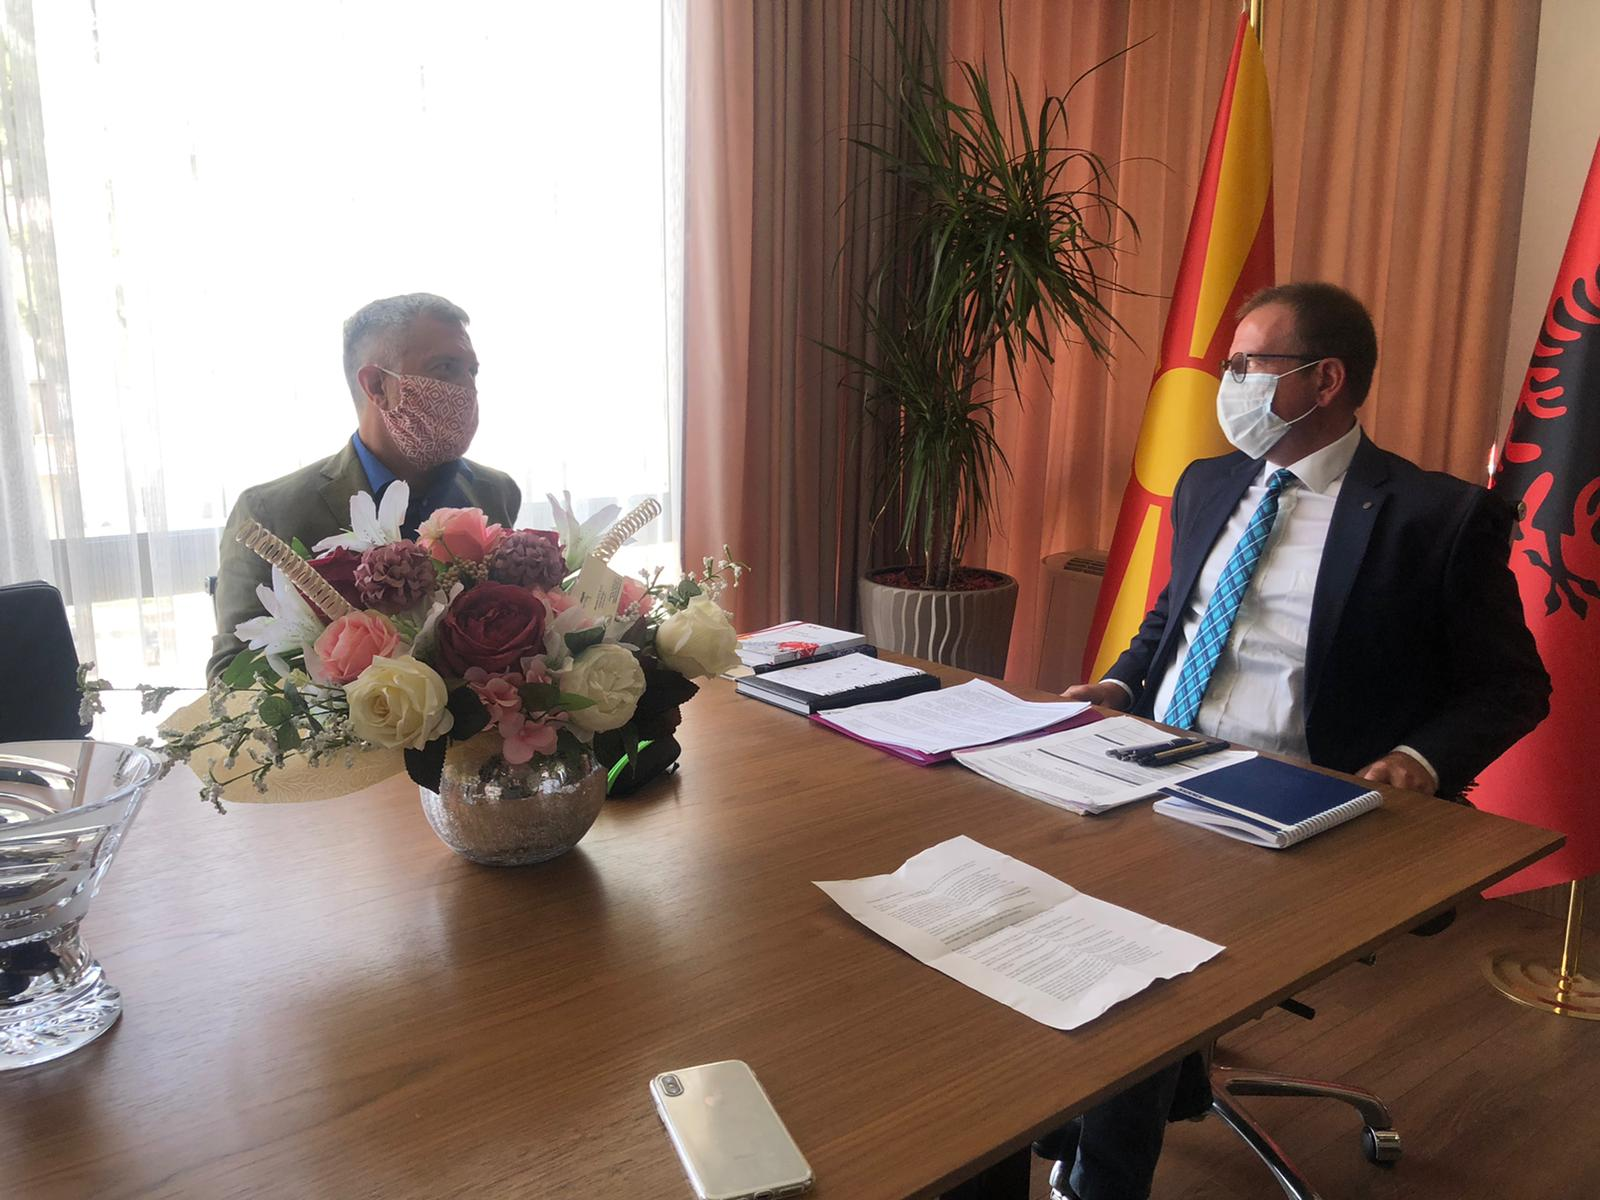 Takim Taravari – Bertolini, u shqyrtuan mundësitë për përfitim nga fondet europjane për zhvillim